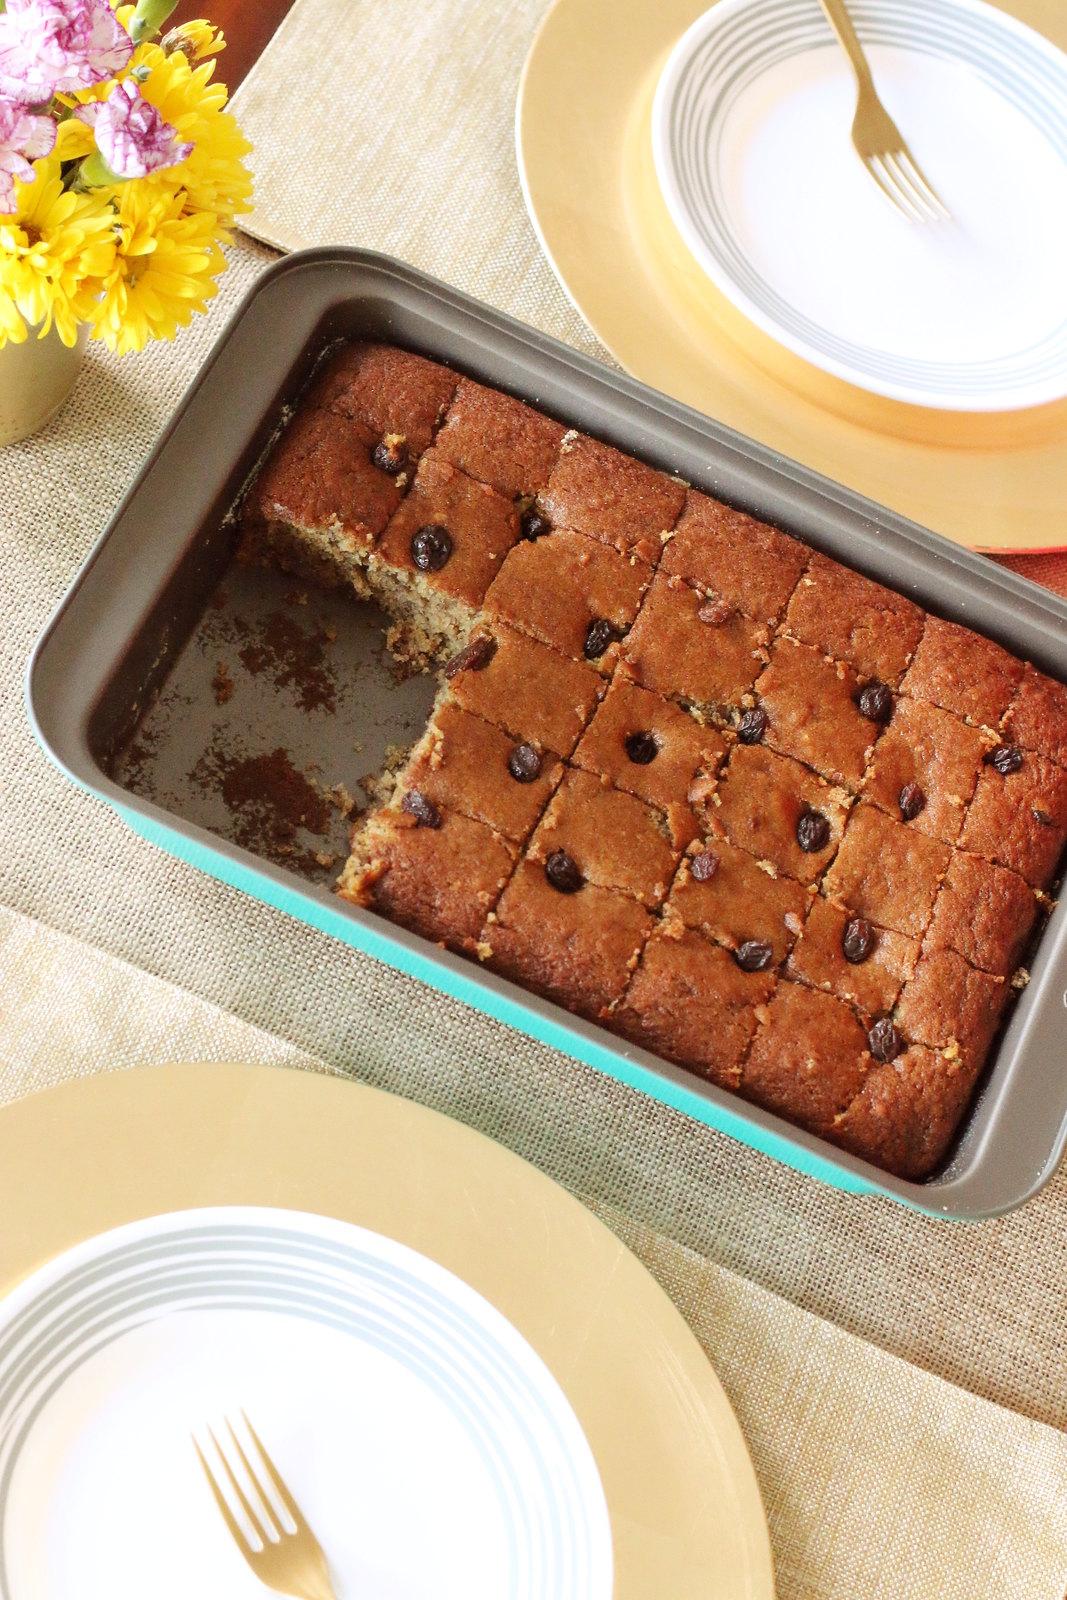 Bakers-Secret-banana-cake-2